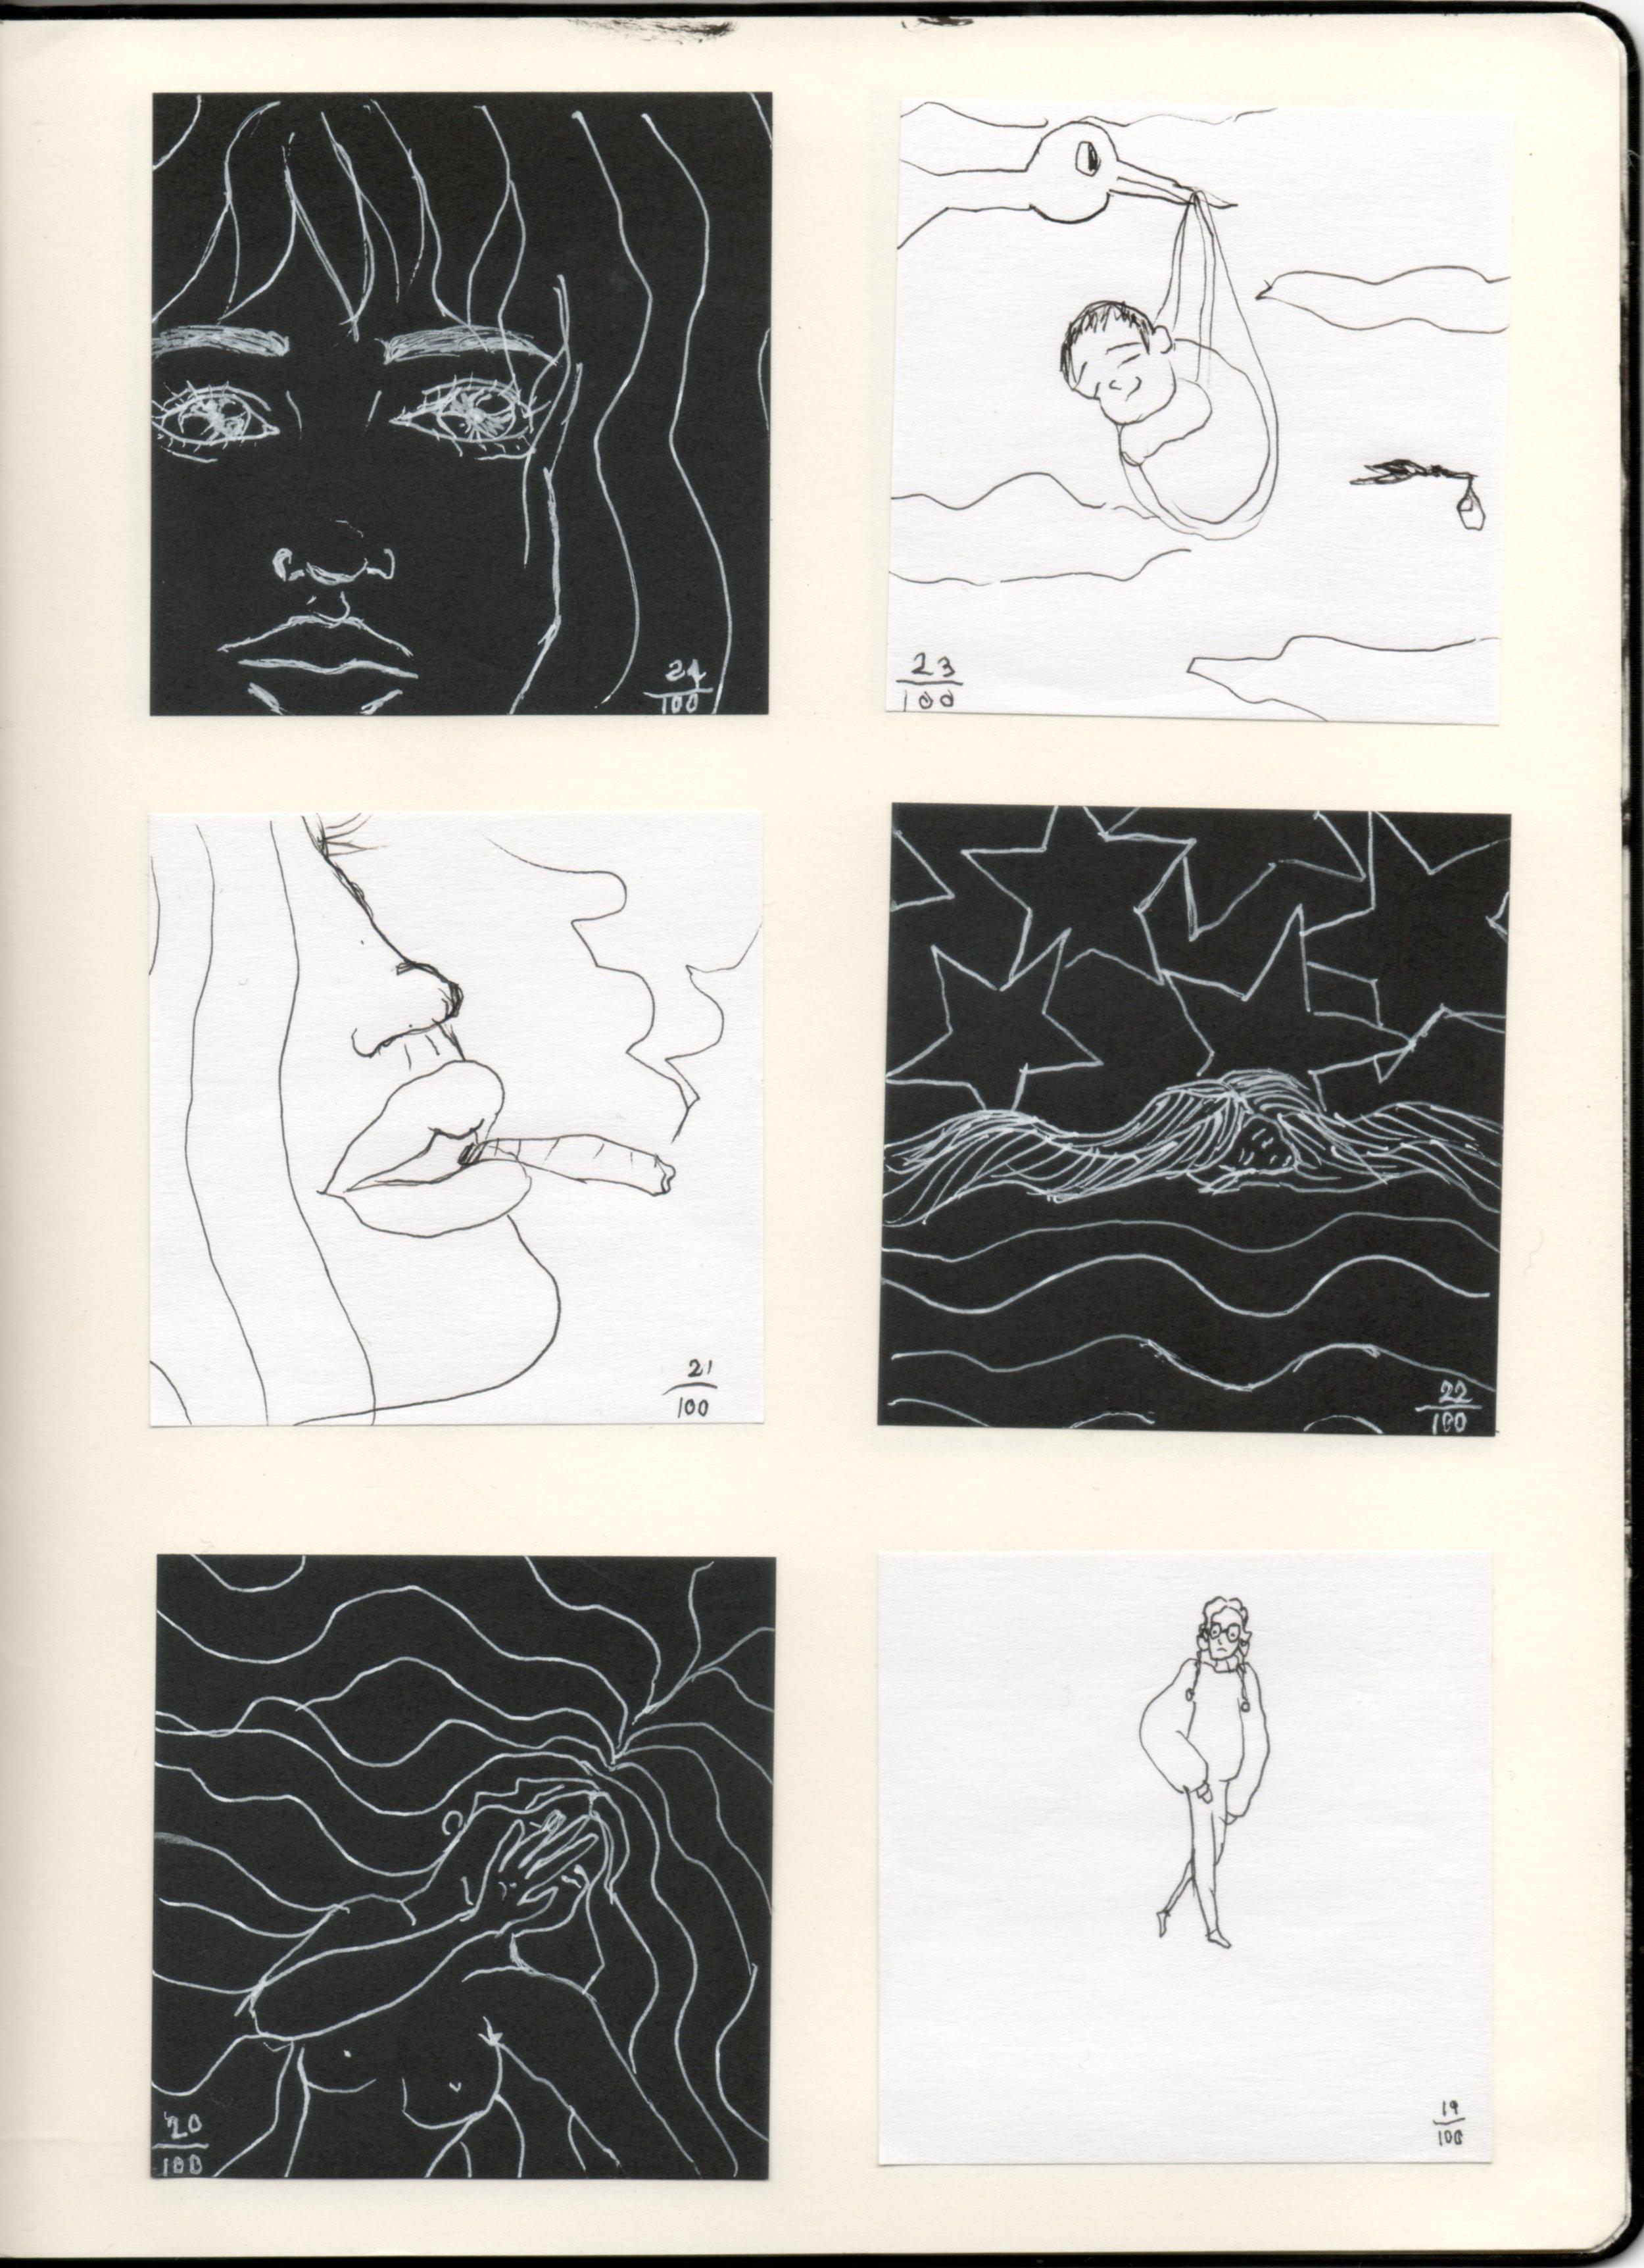 19-24.jpg